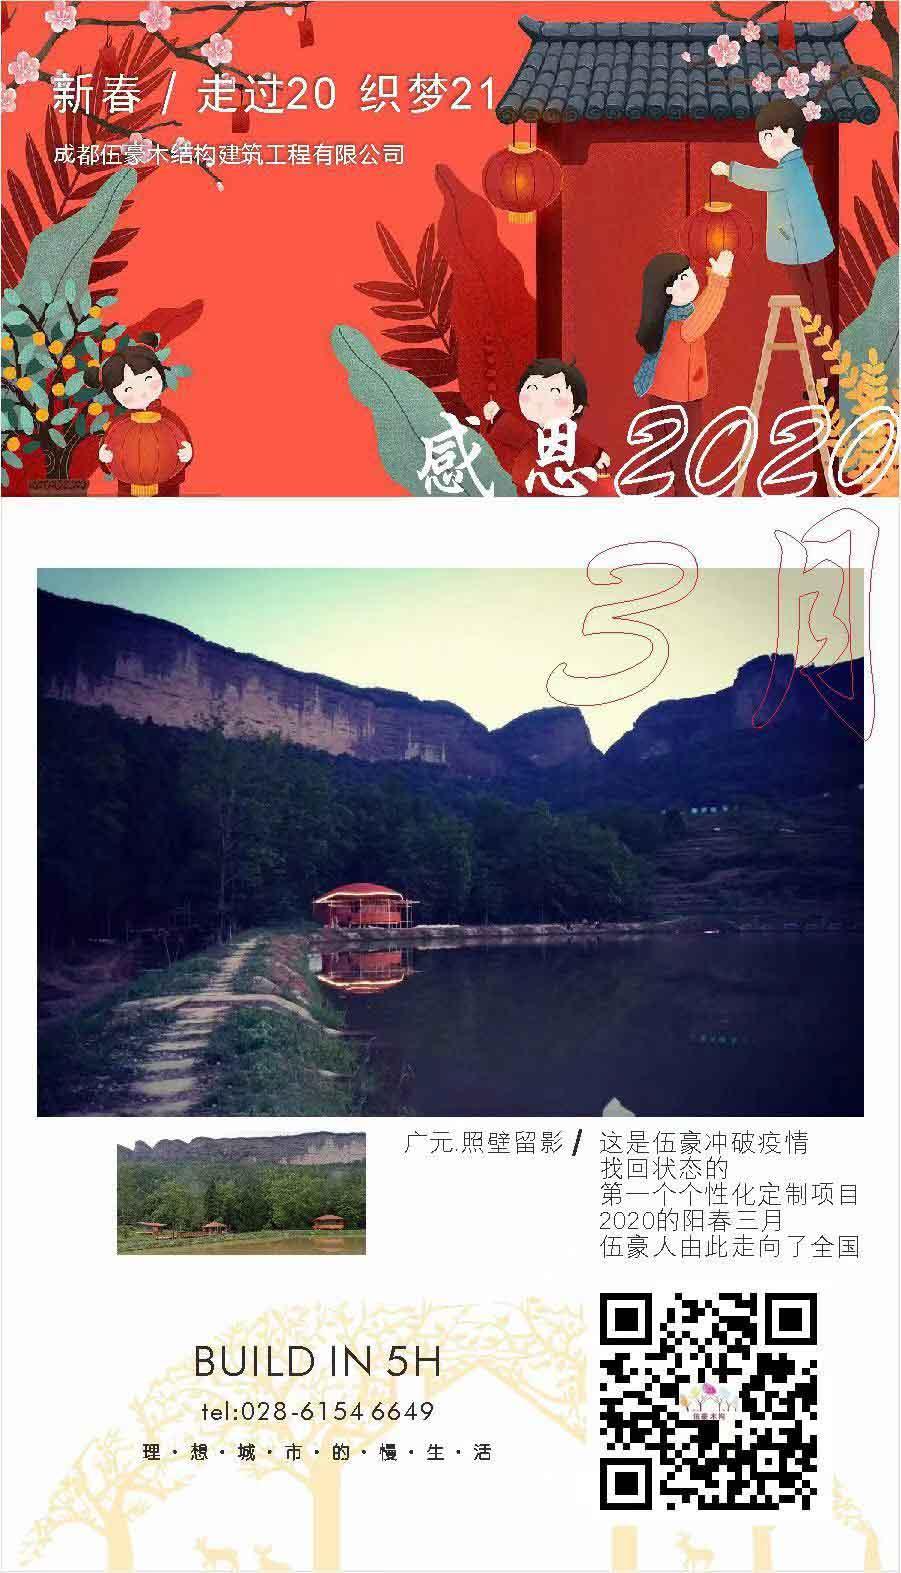 新春|走过20 织梦21